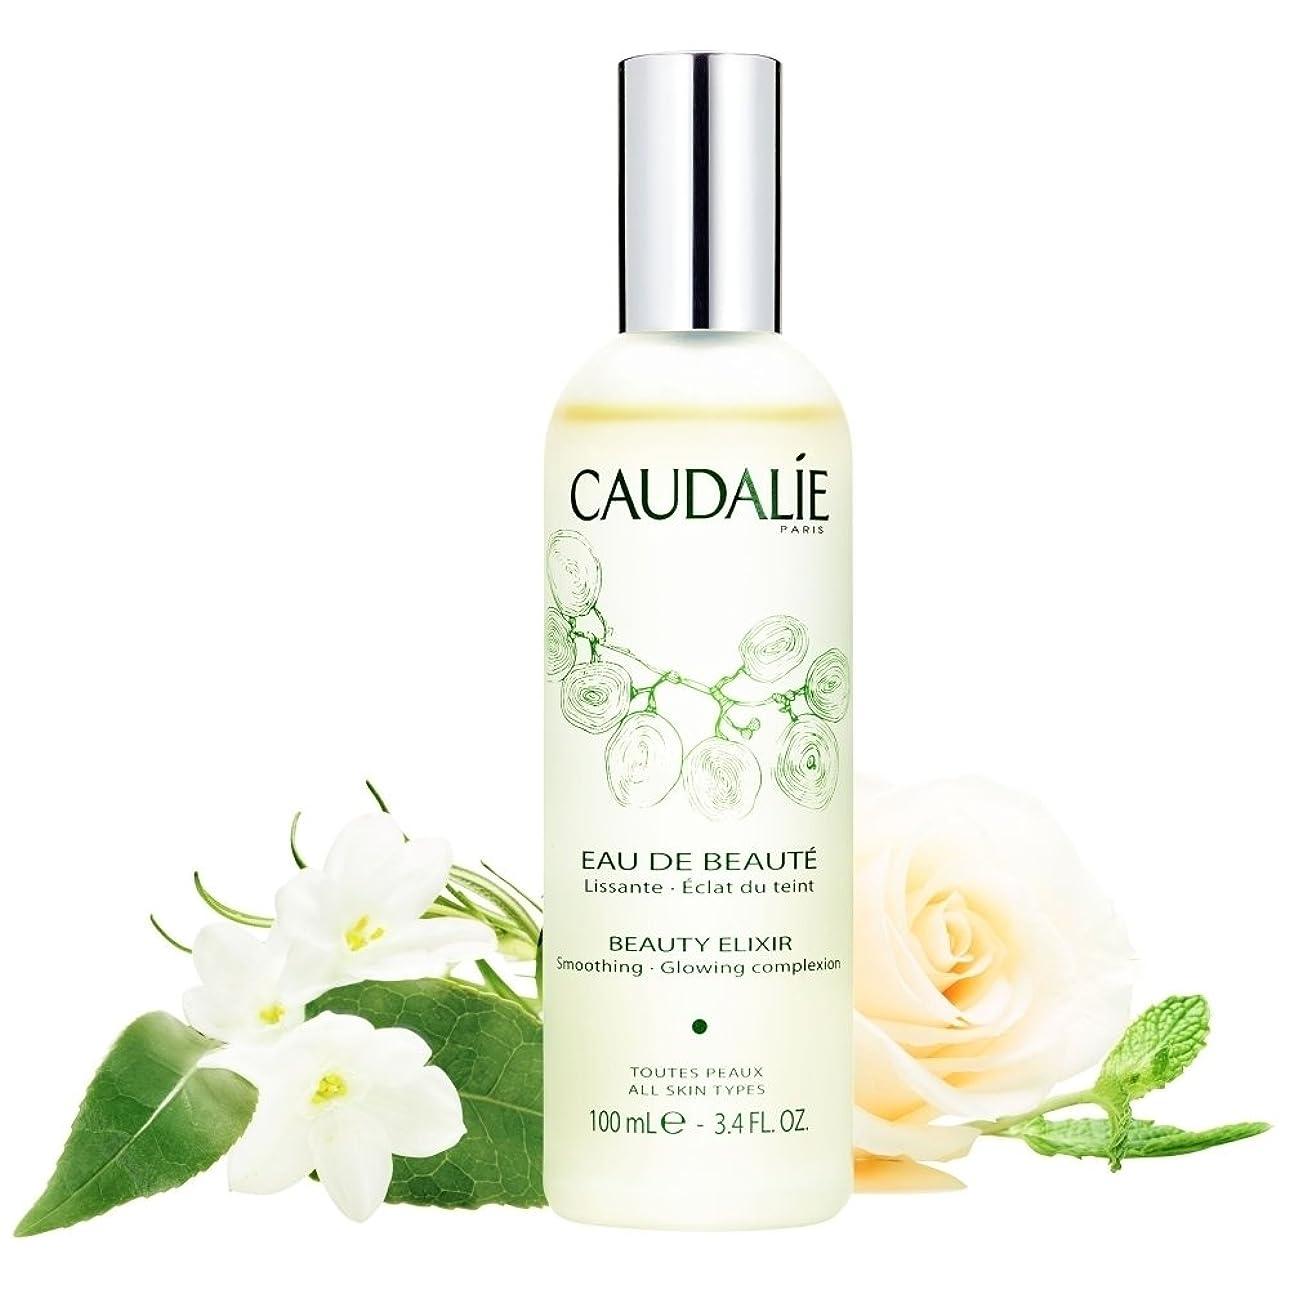 穏やかな許す秘書コーダリー美容エリキシル、100ミリリットル (Caudalie) (x2) - Caudalie Beauty Elixir, 100ml (Pack of 2) [並行輸入品]